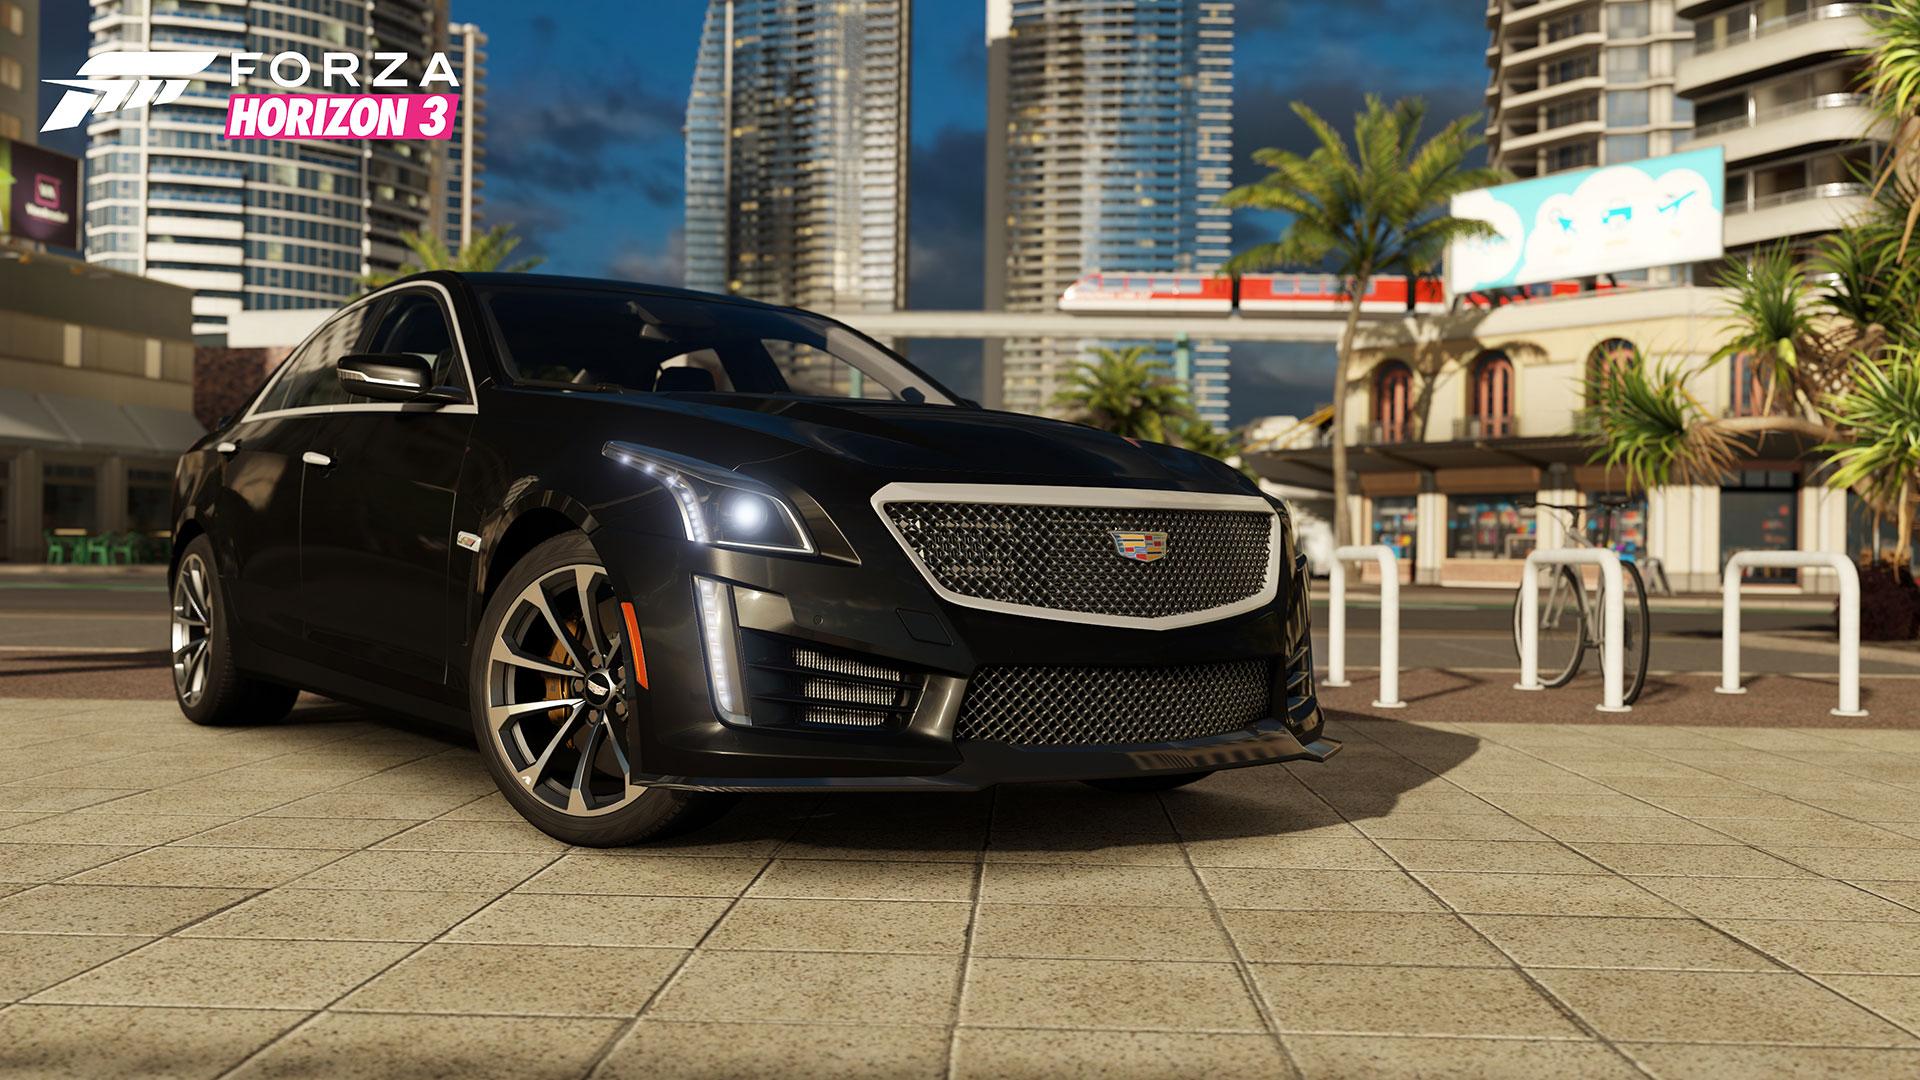 2016 Cadillac CTS-V Sedan a další luxusní vozy ve Forze Horizon 3 128806